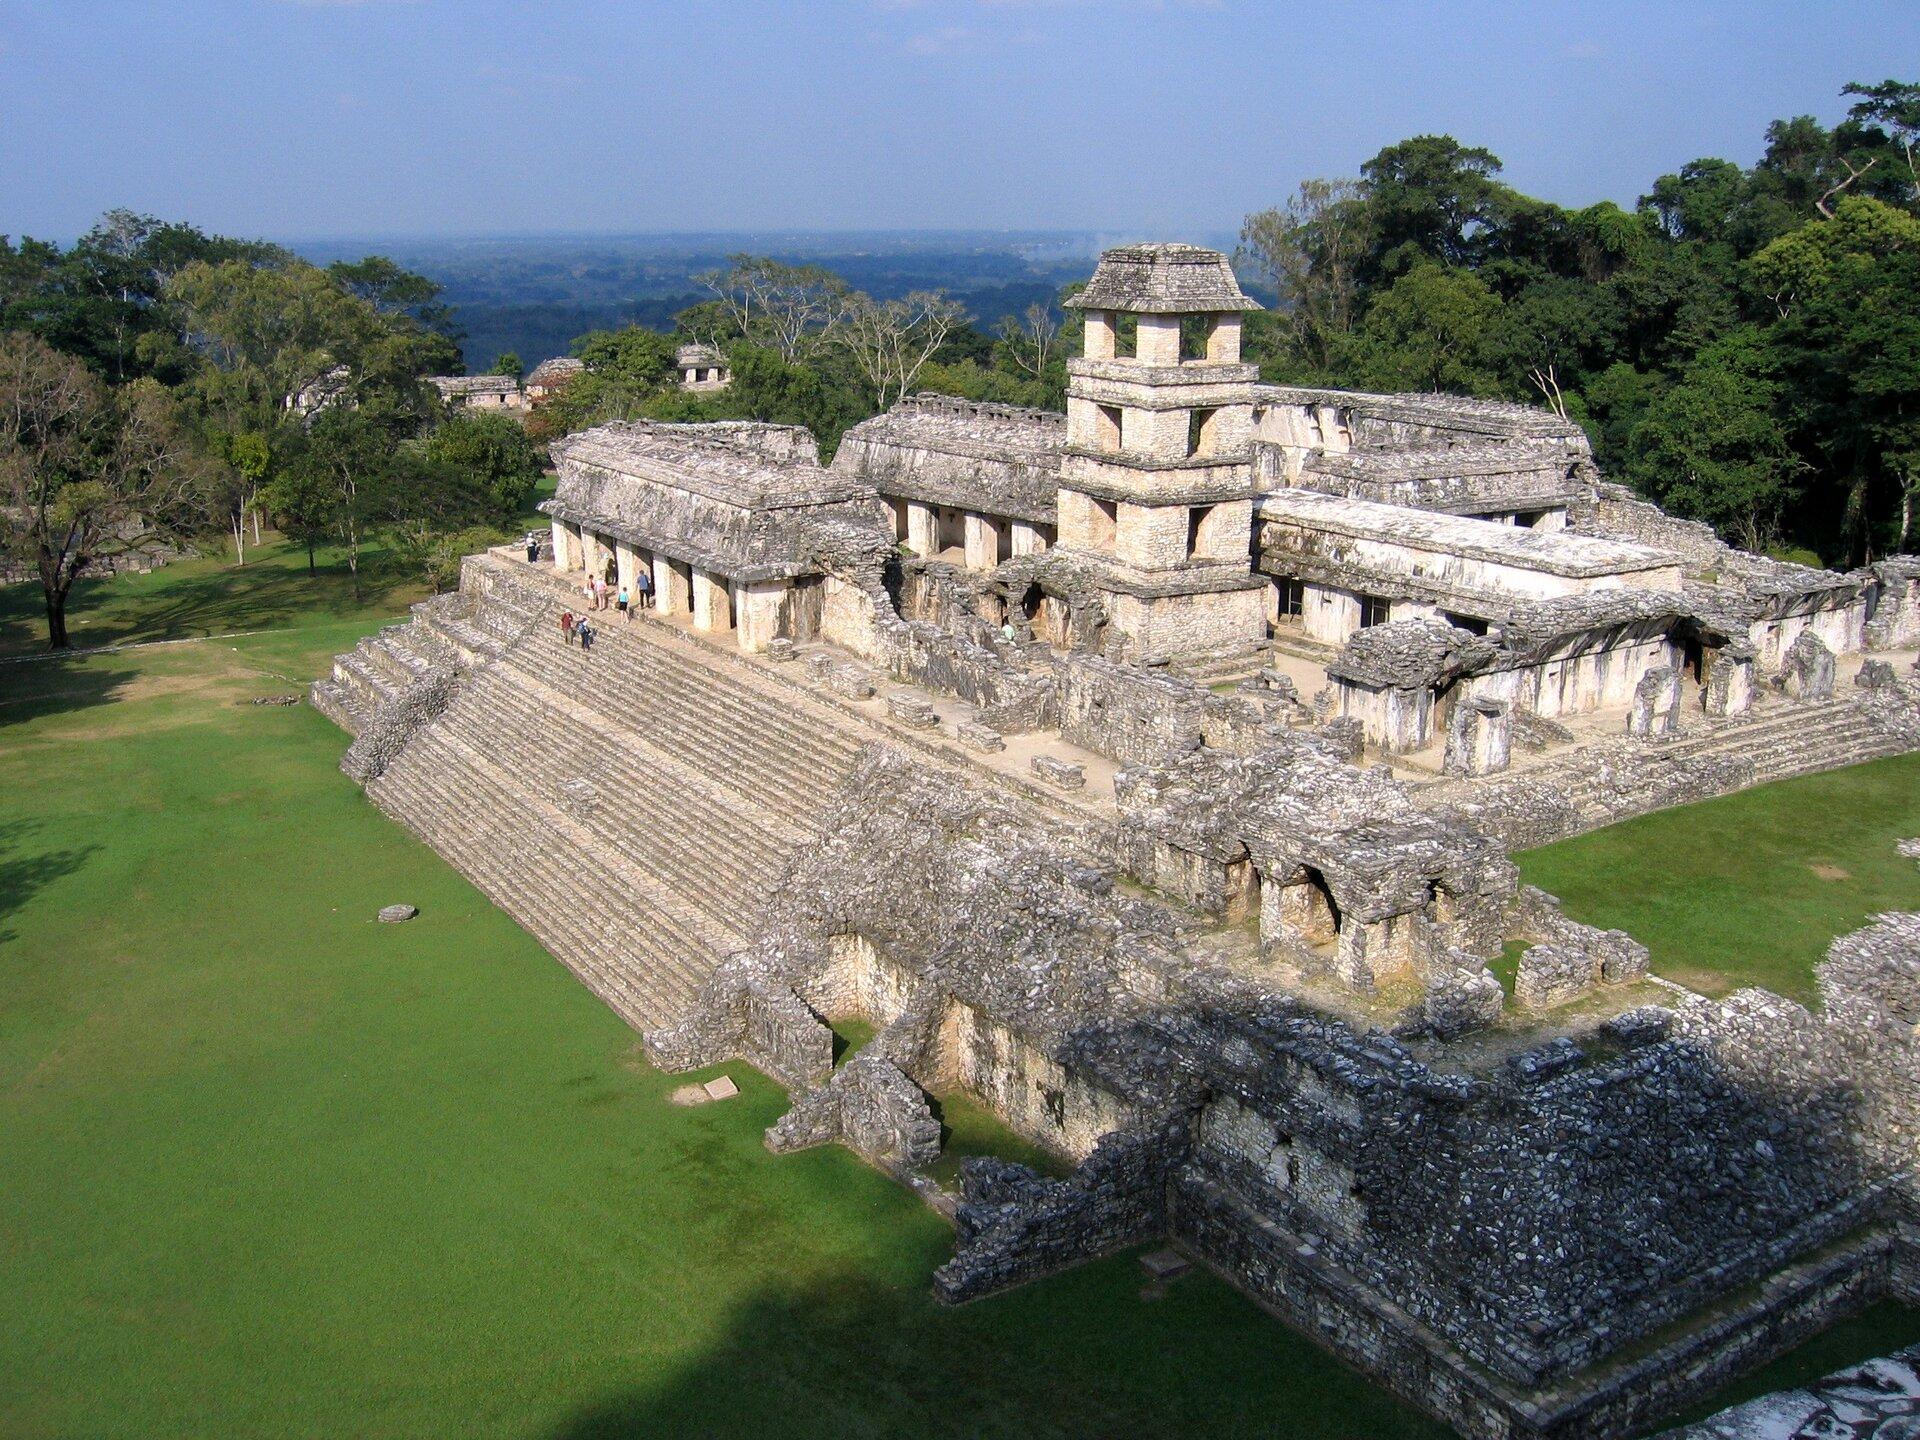 Ruiny świątyni wPalenque Ruiny świątyni wPalenque Źródło: Peter Andersen, Wikimedia Commons, licencja: CC BY-SA 3.0.